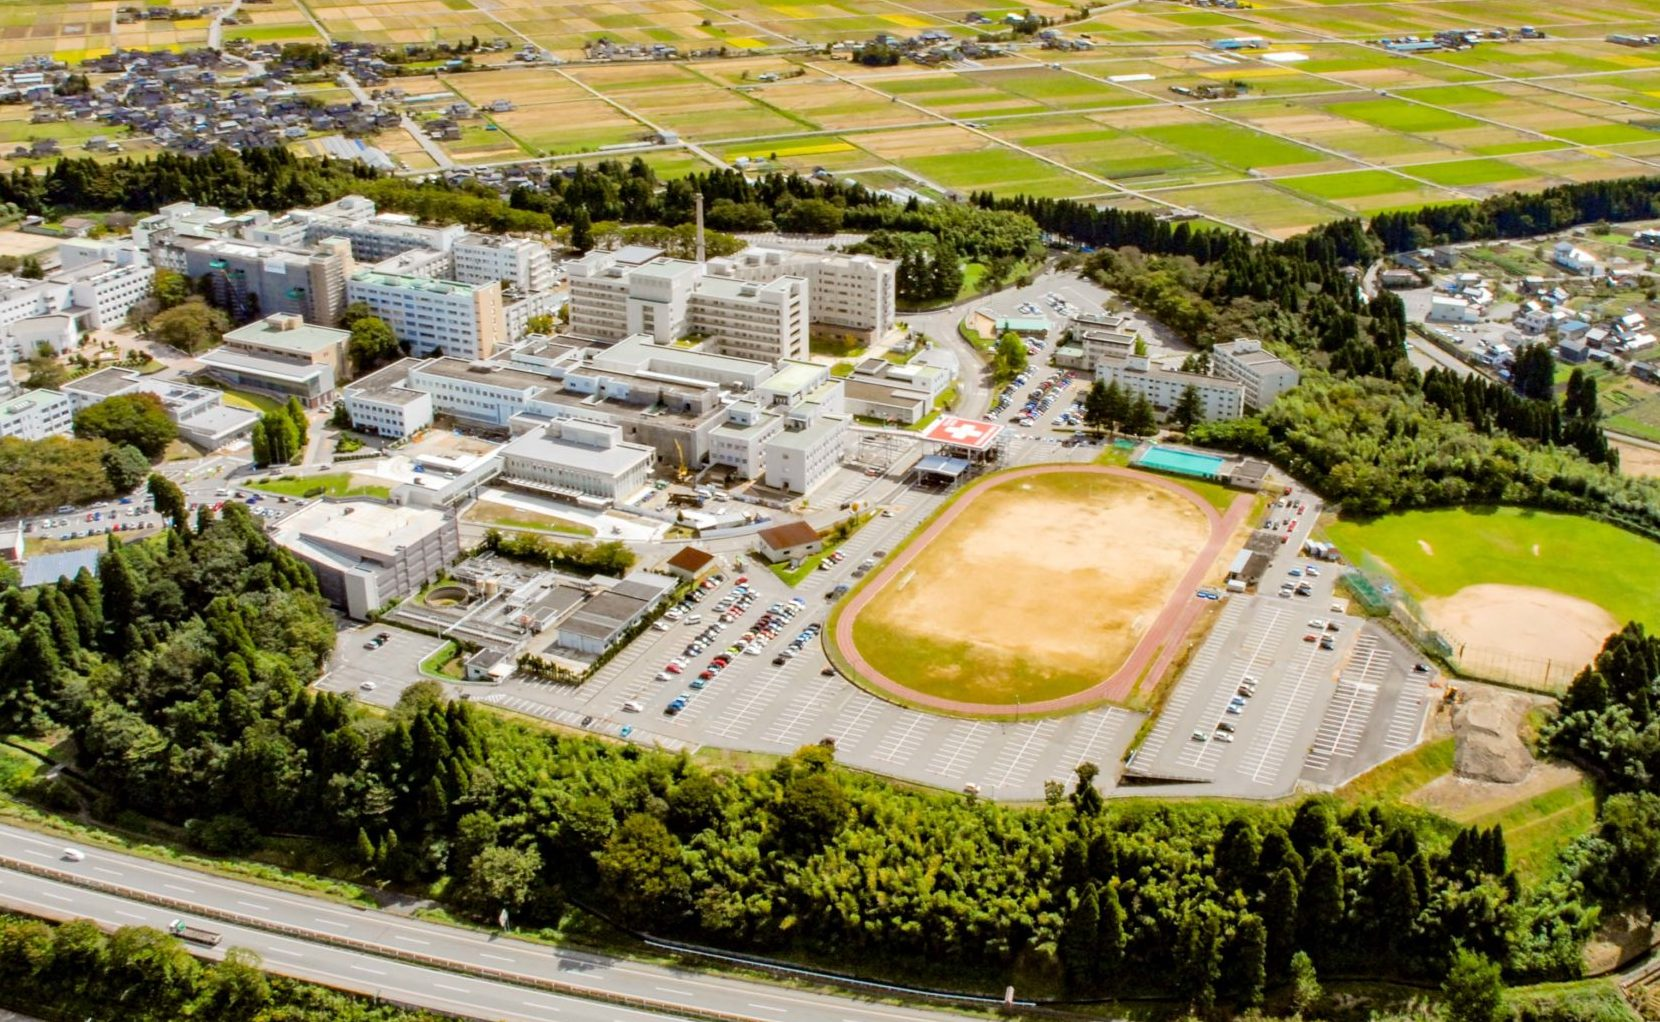 富山大学附属病院が脳外科手術で後遺症が残る医療ミス後に患者死亡